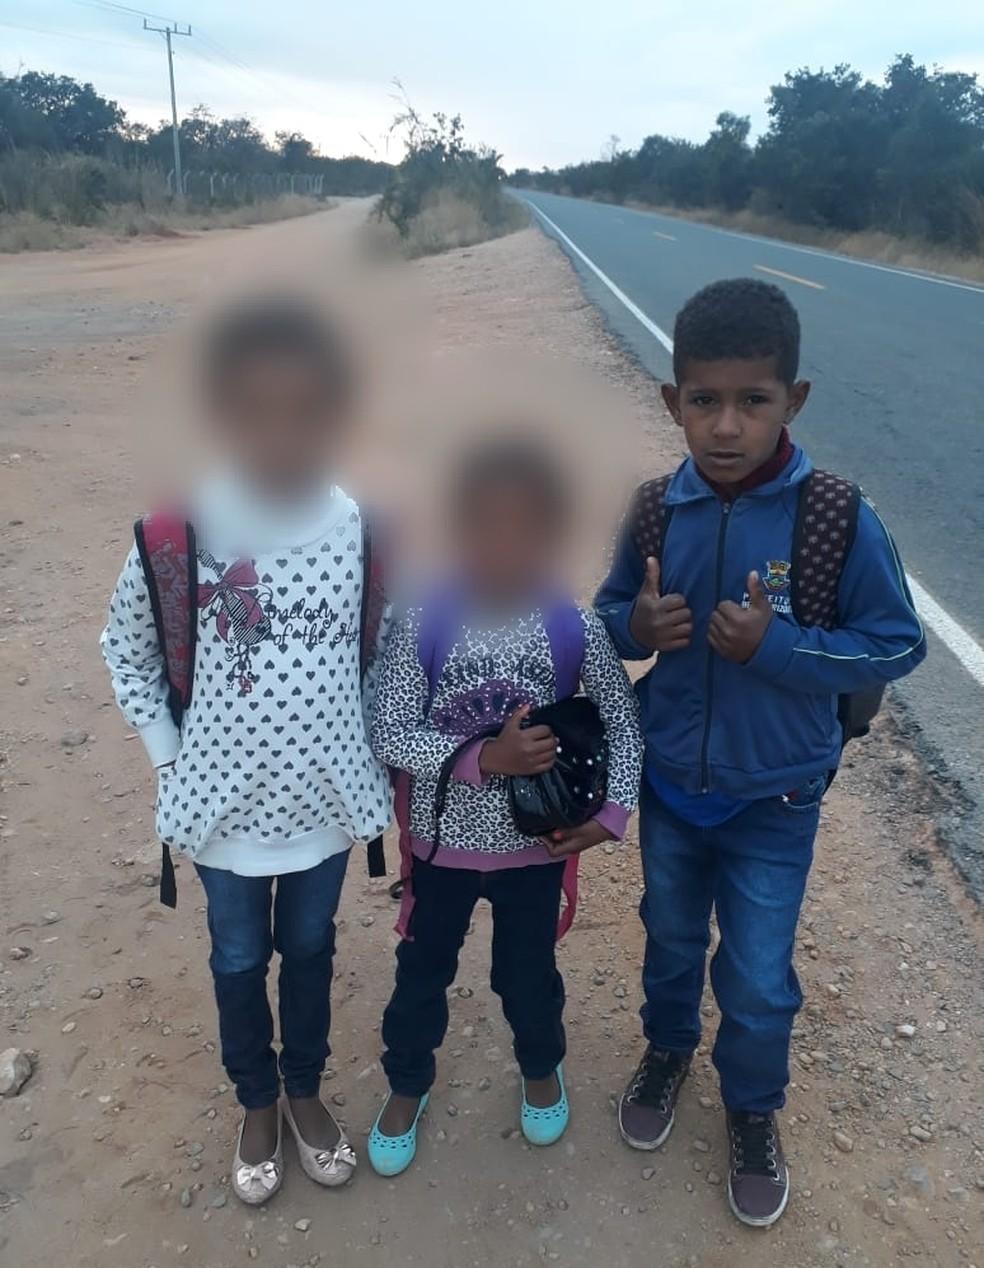 Carlos Daniel desapaceu ao descer de um ônibus escolar — Foto: Divulgação